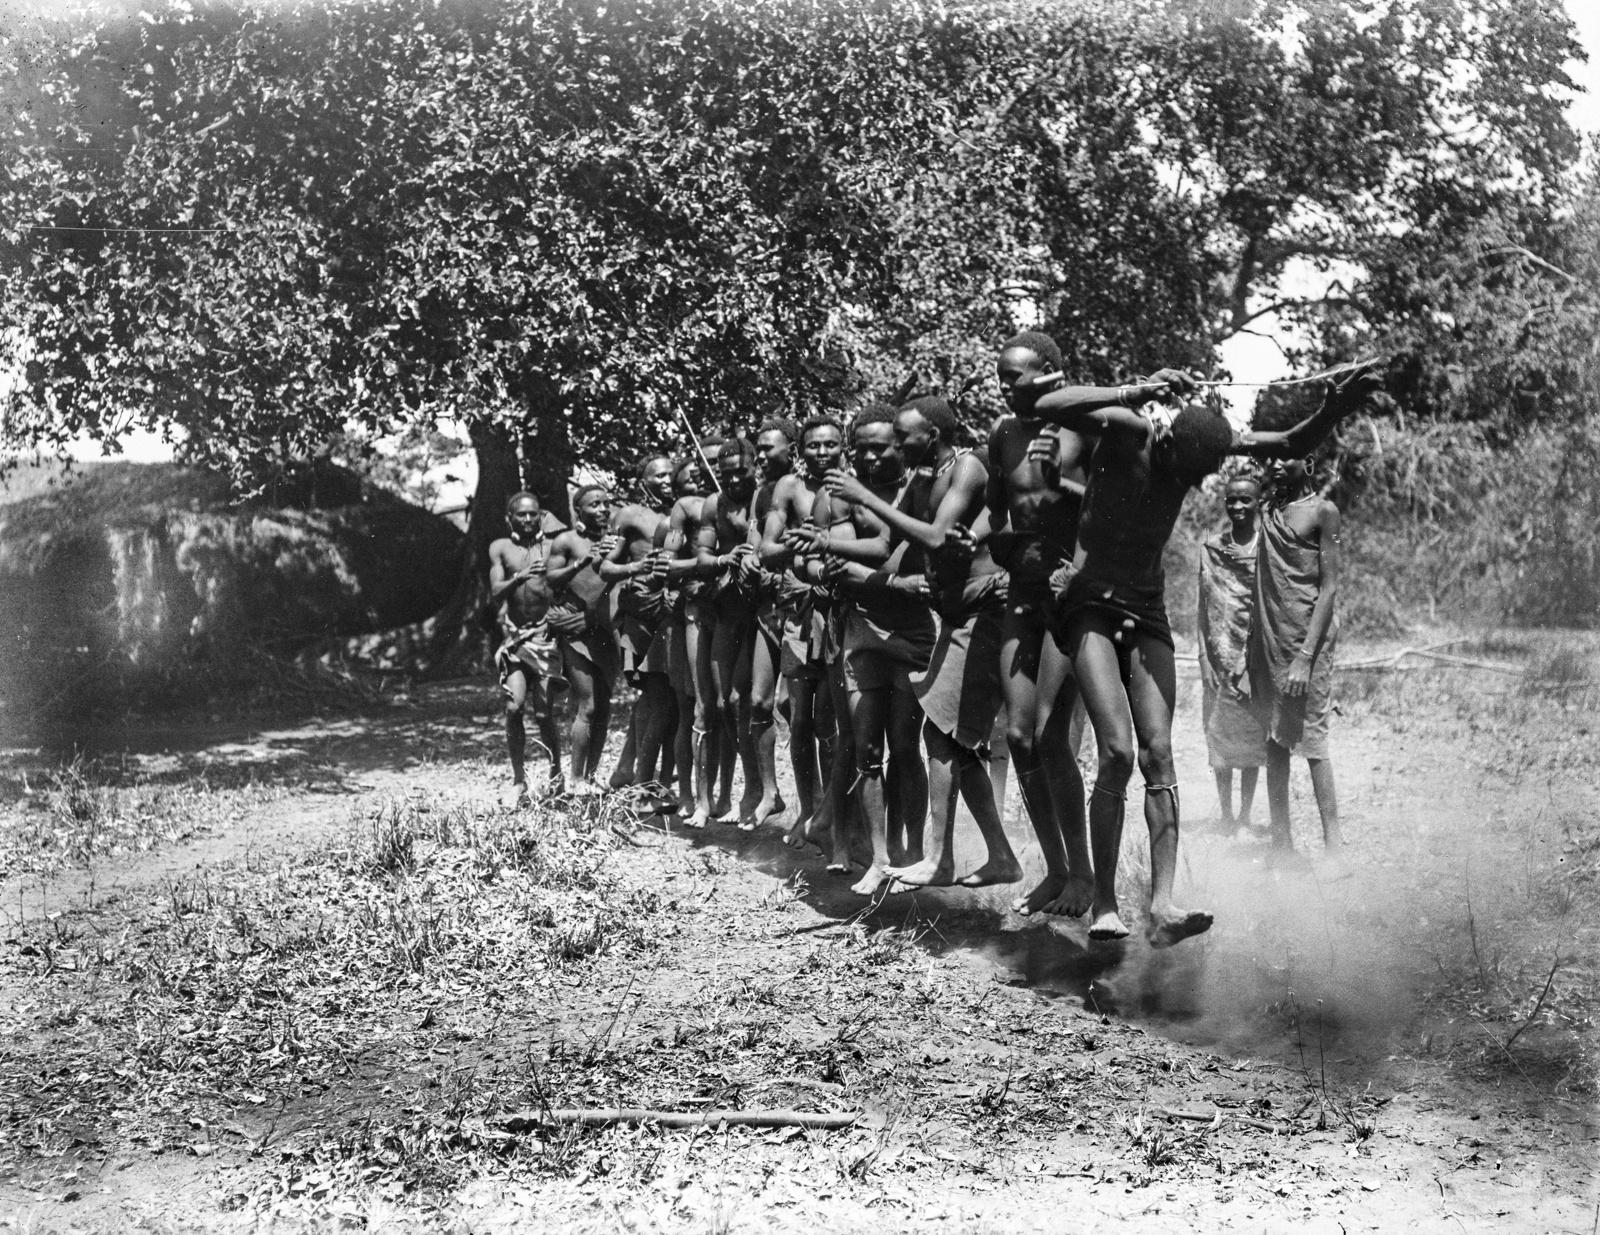 07. Группа людей басонжо во время танца у лагеря Ндалалани. Танцоры прыгают на два фута высотой, вытянув тела